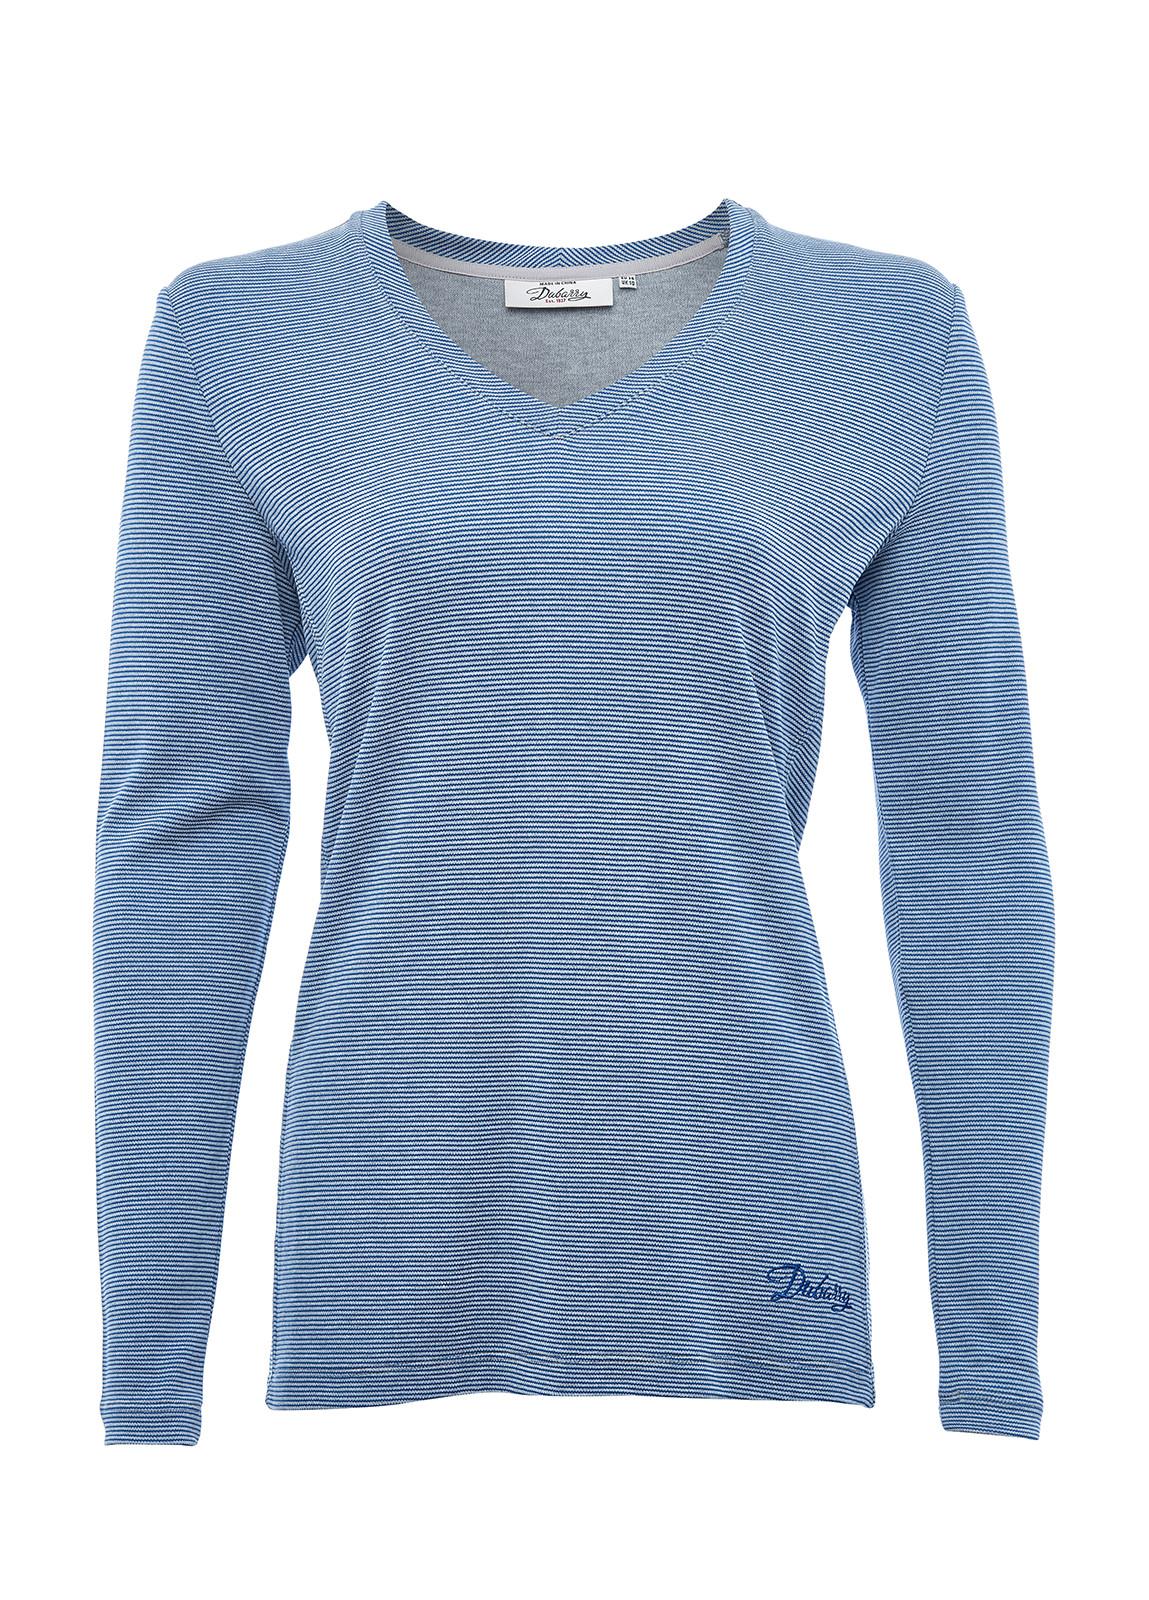 Dubarry_ Portumna Long-sleeved Top - Denim_Image_2